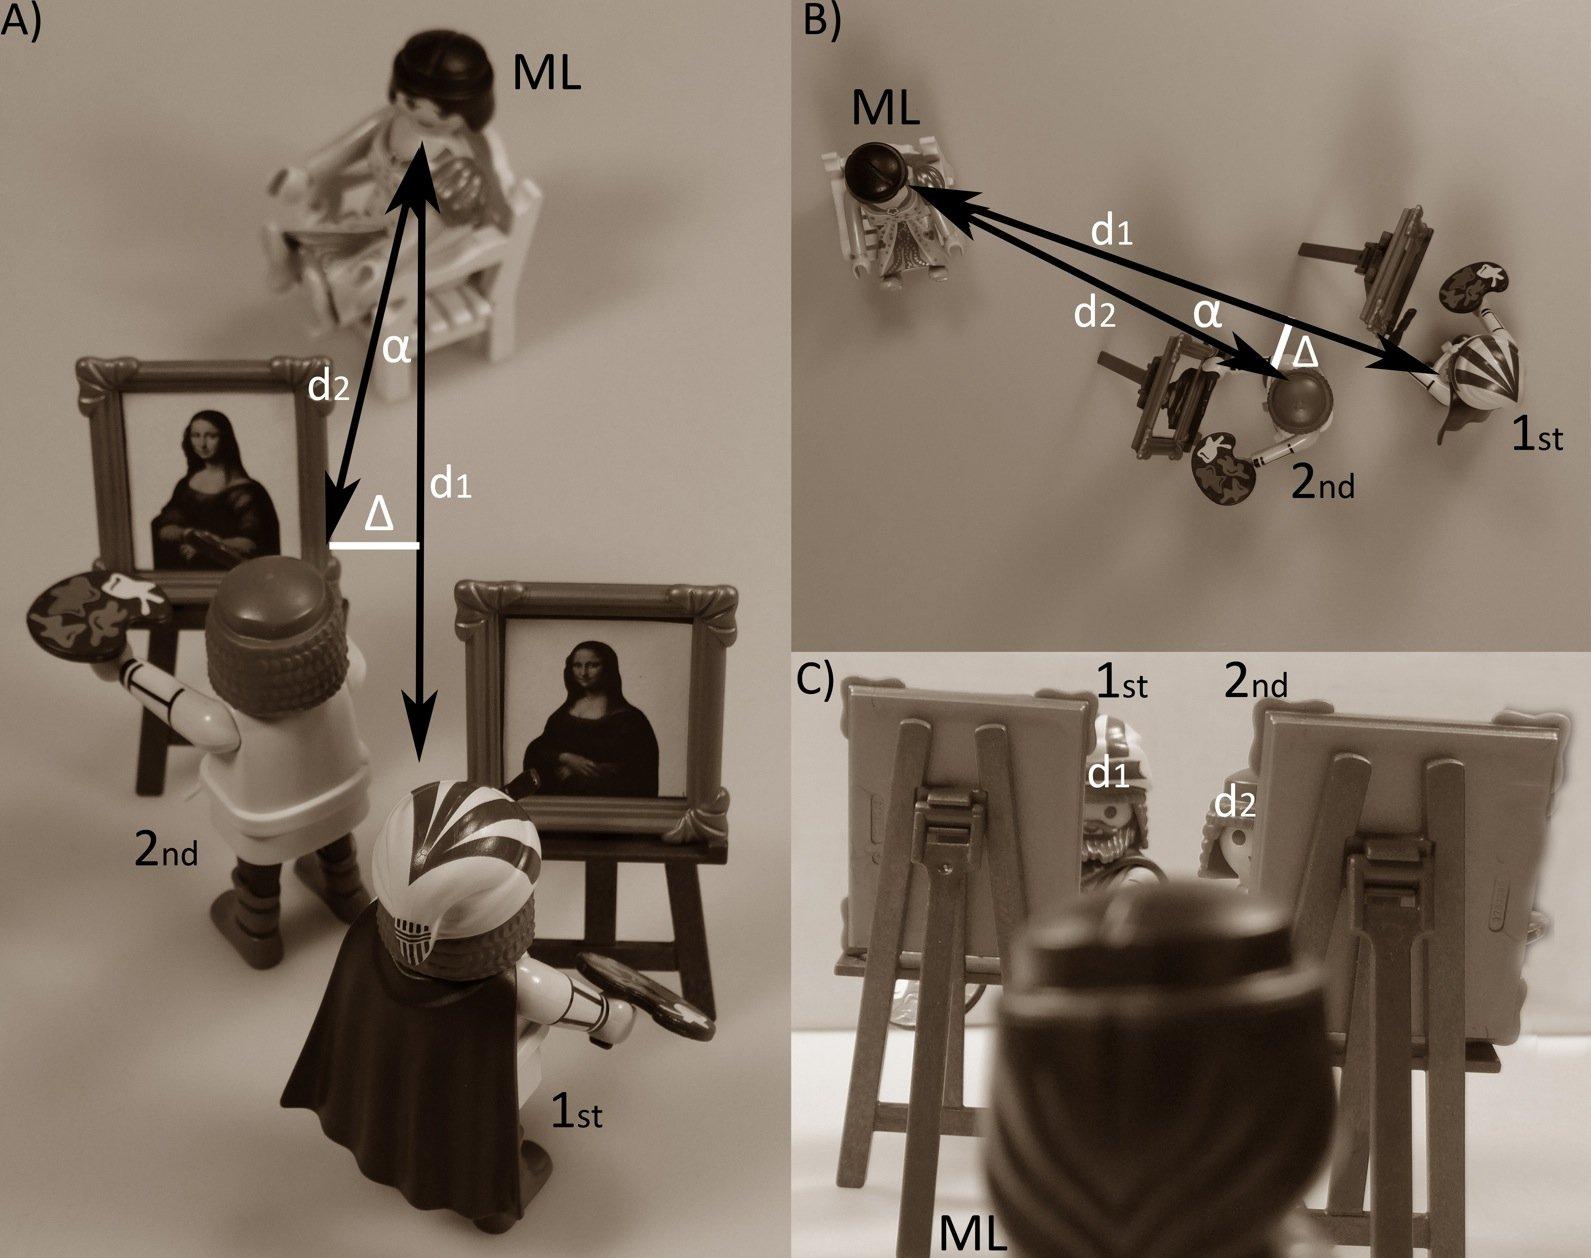 Rekonstruktion der Situation in Leonardo da Vincis Atelier. Beide Maler standen etwa einen Meter voneinander entfernt, leicht versetzt zum Modell